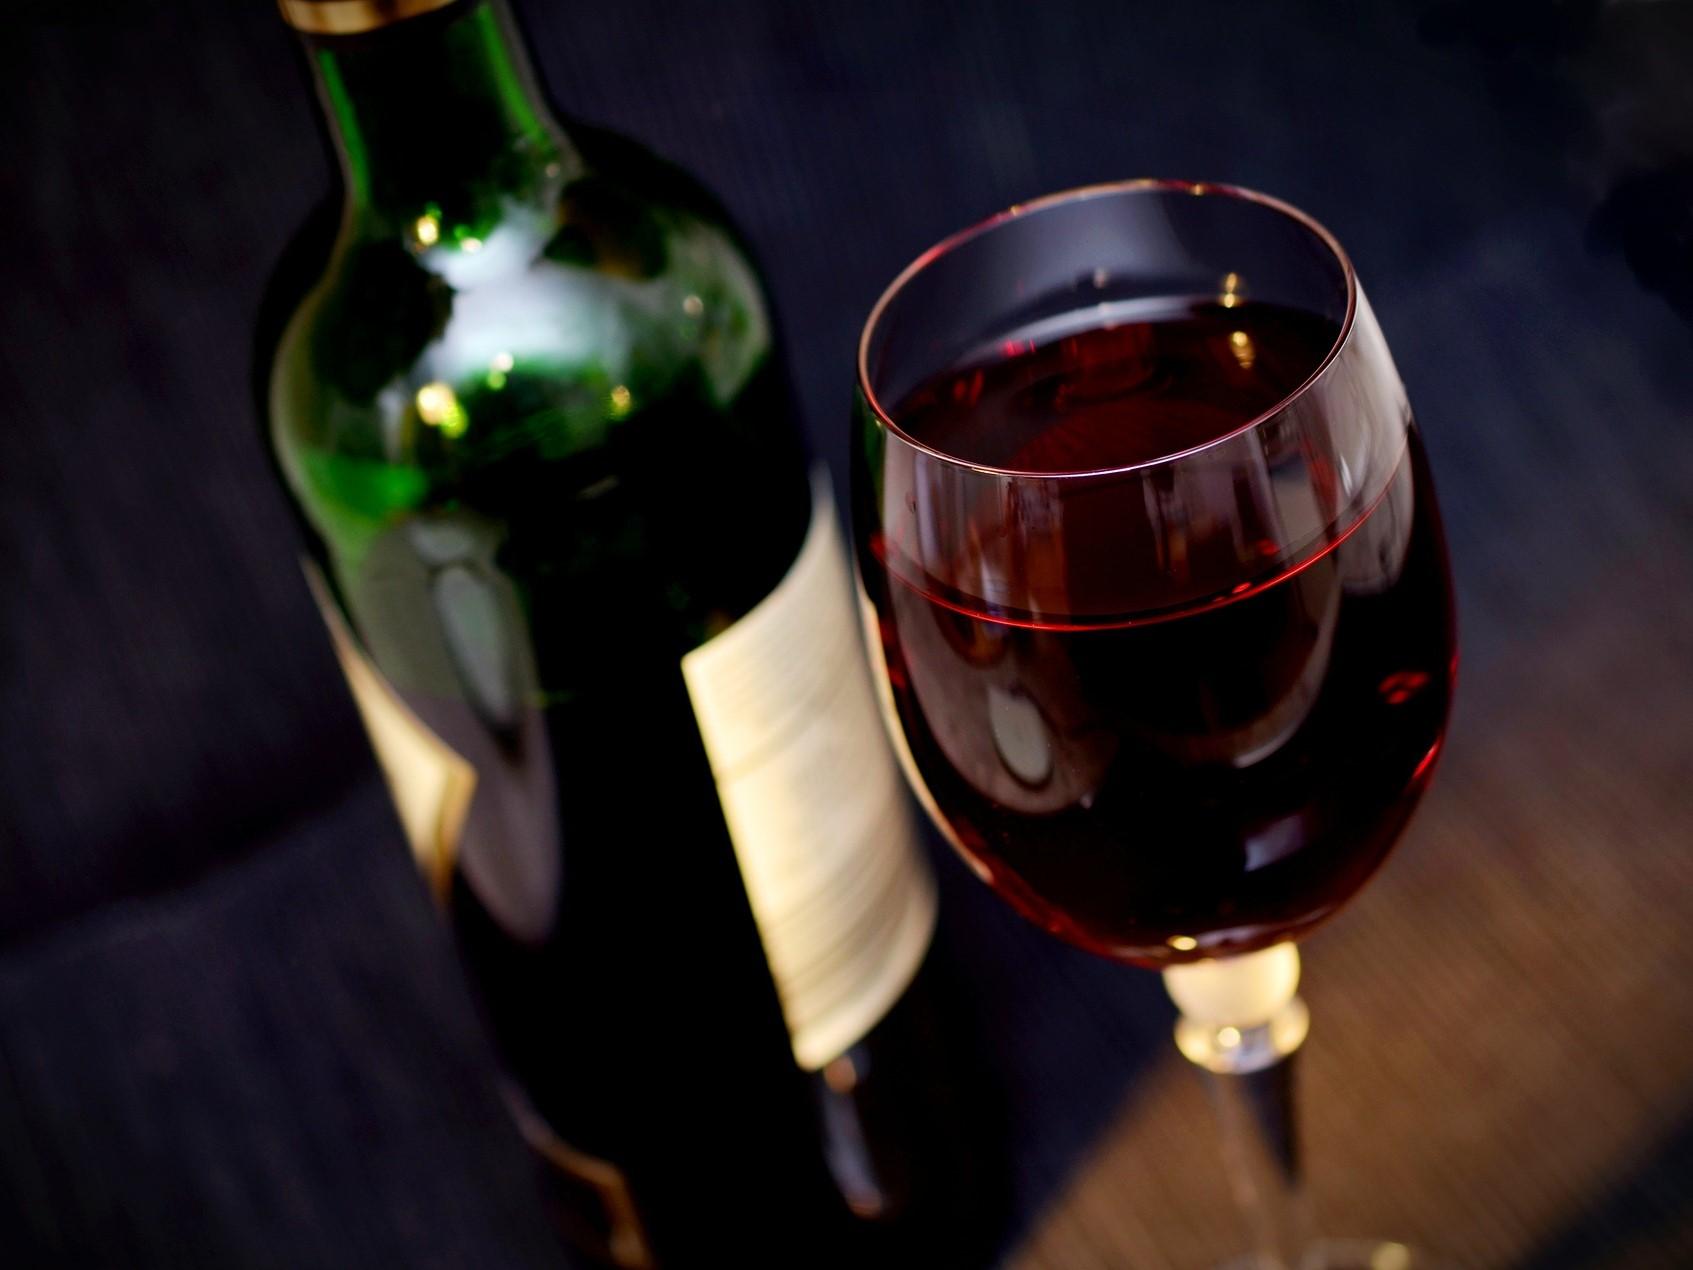 """""""Na zdraví"""" není jenom fráze – pití vína nám může pomoct předcházet nemocem"""